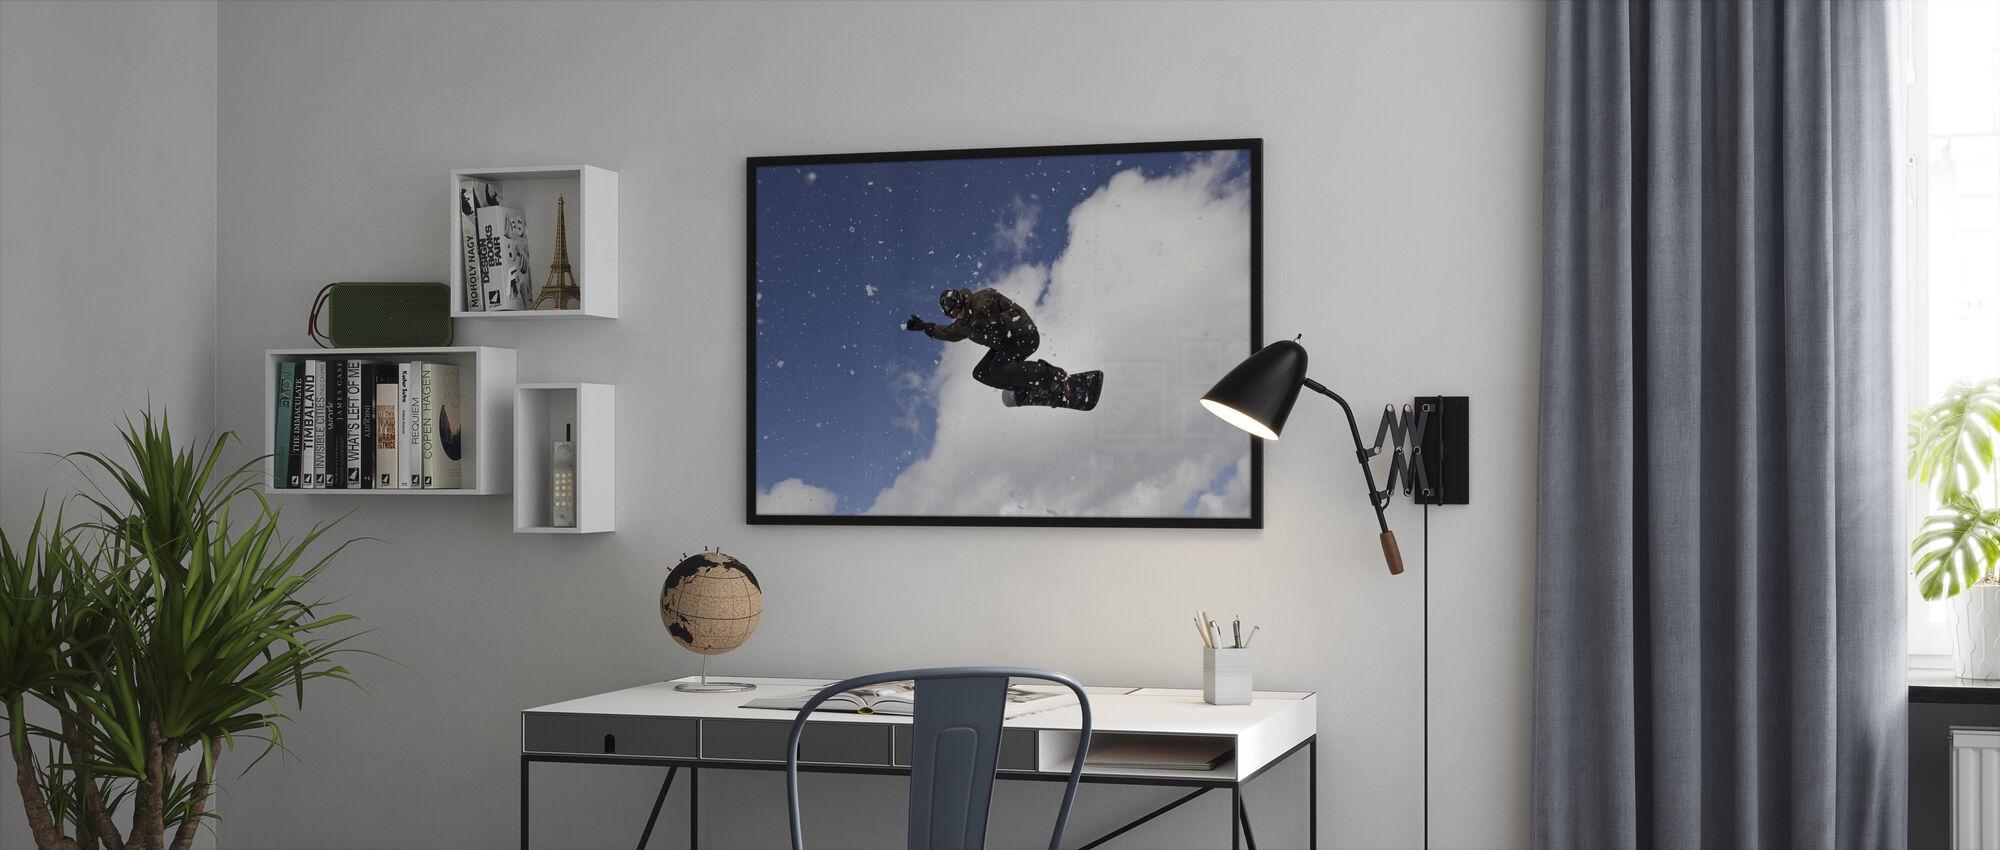 Sneeuwvlok springen - Ingelijste print - Kantoor